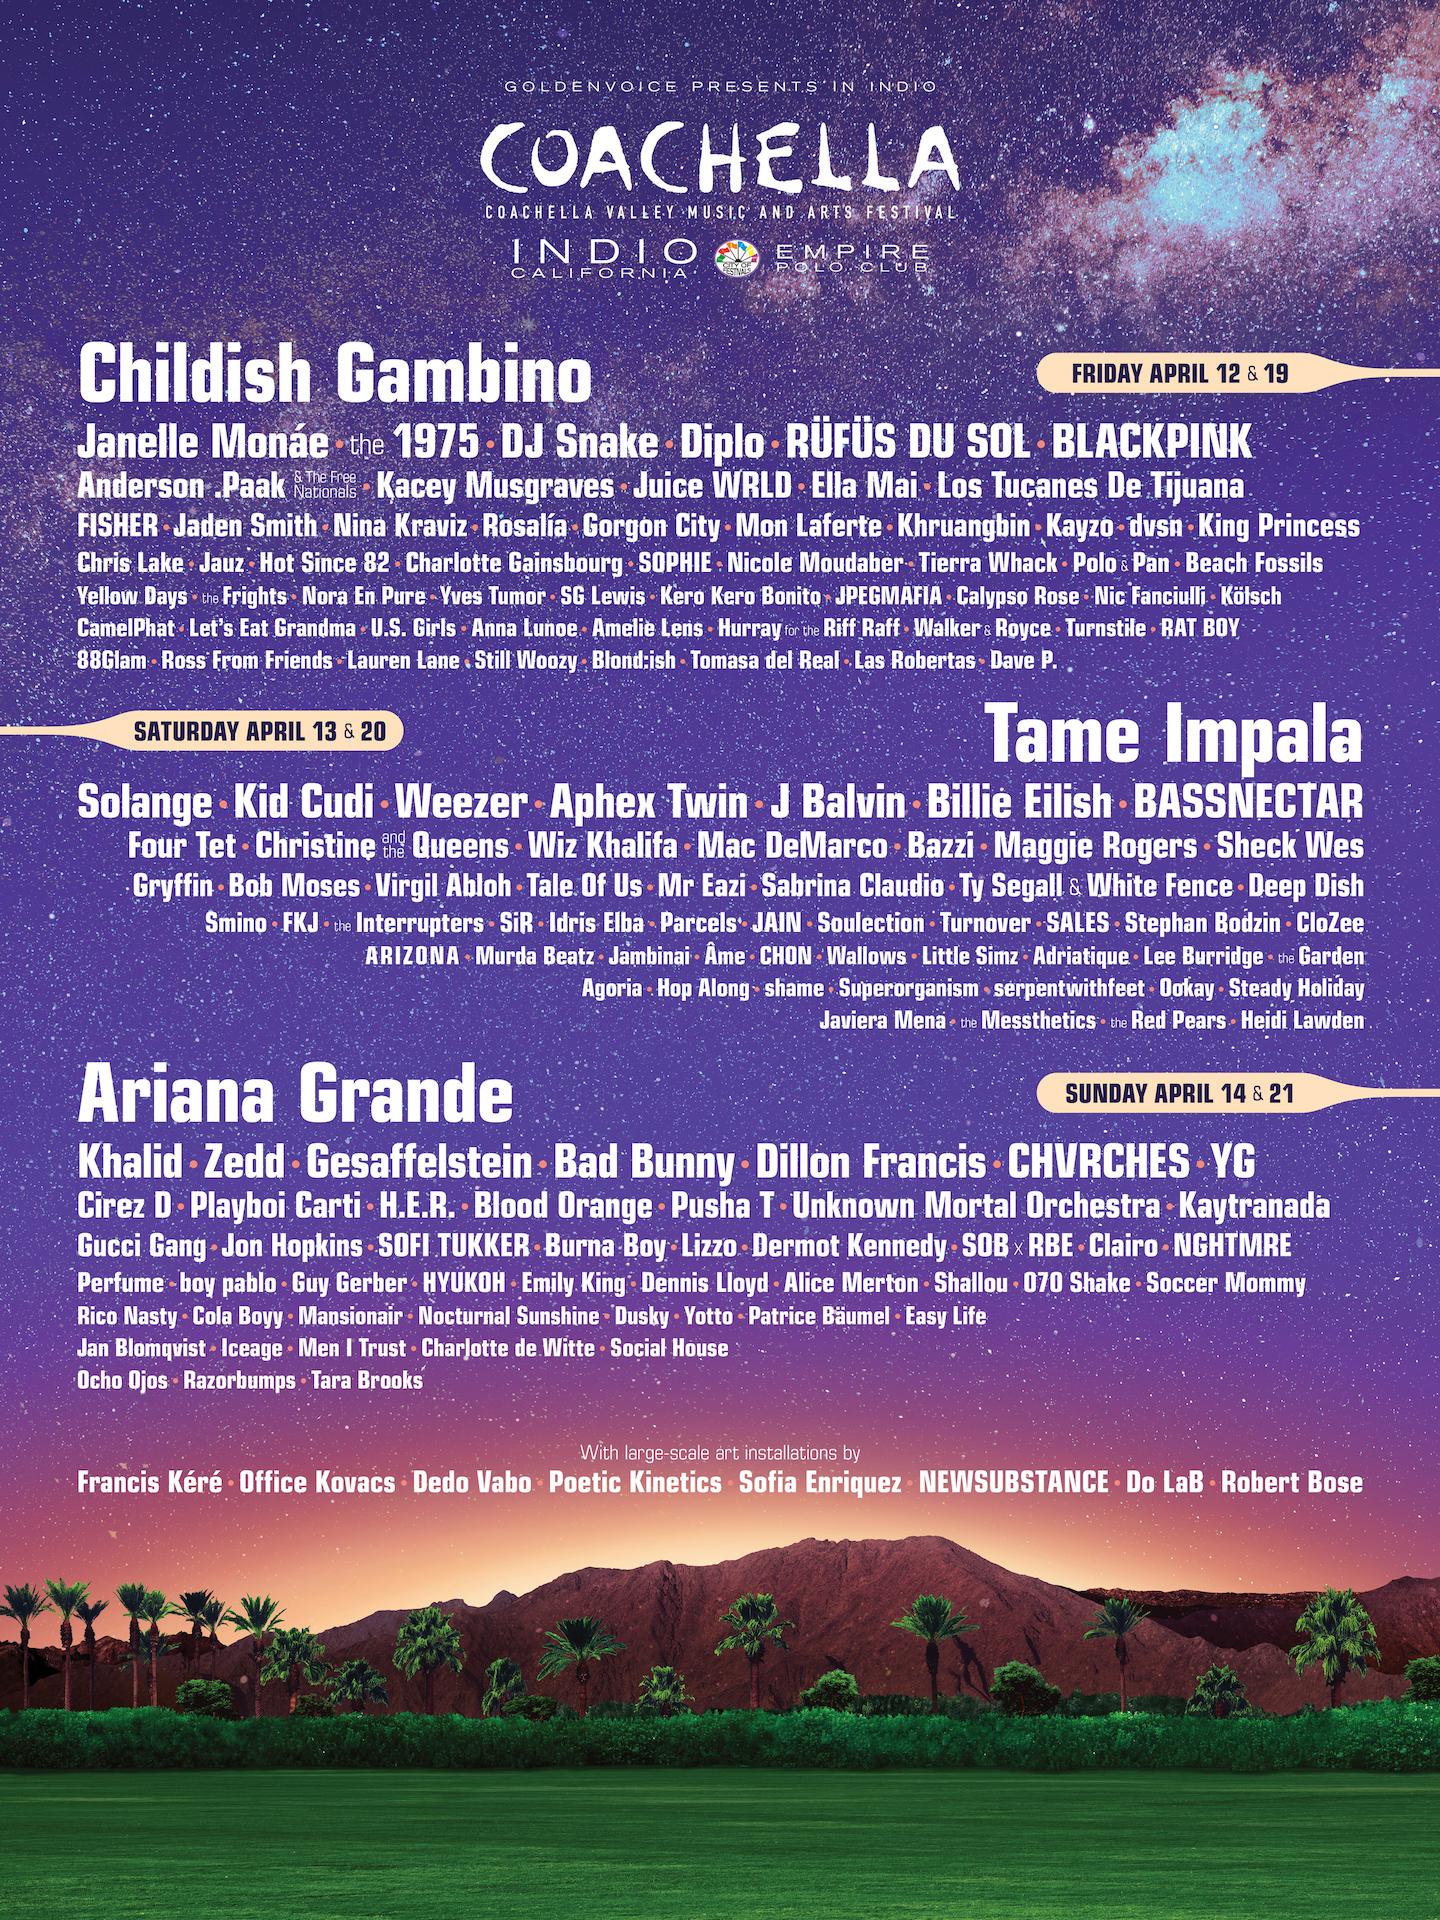 Coachella Music Festival 2019